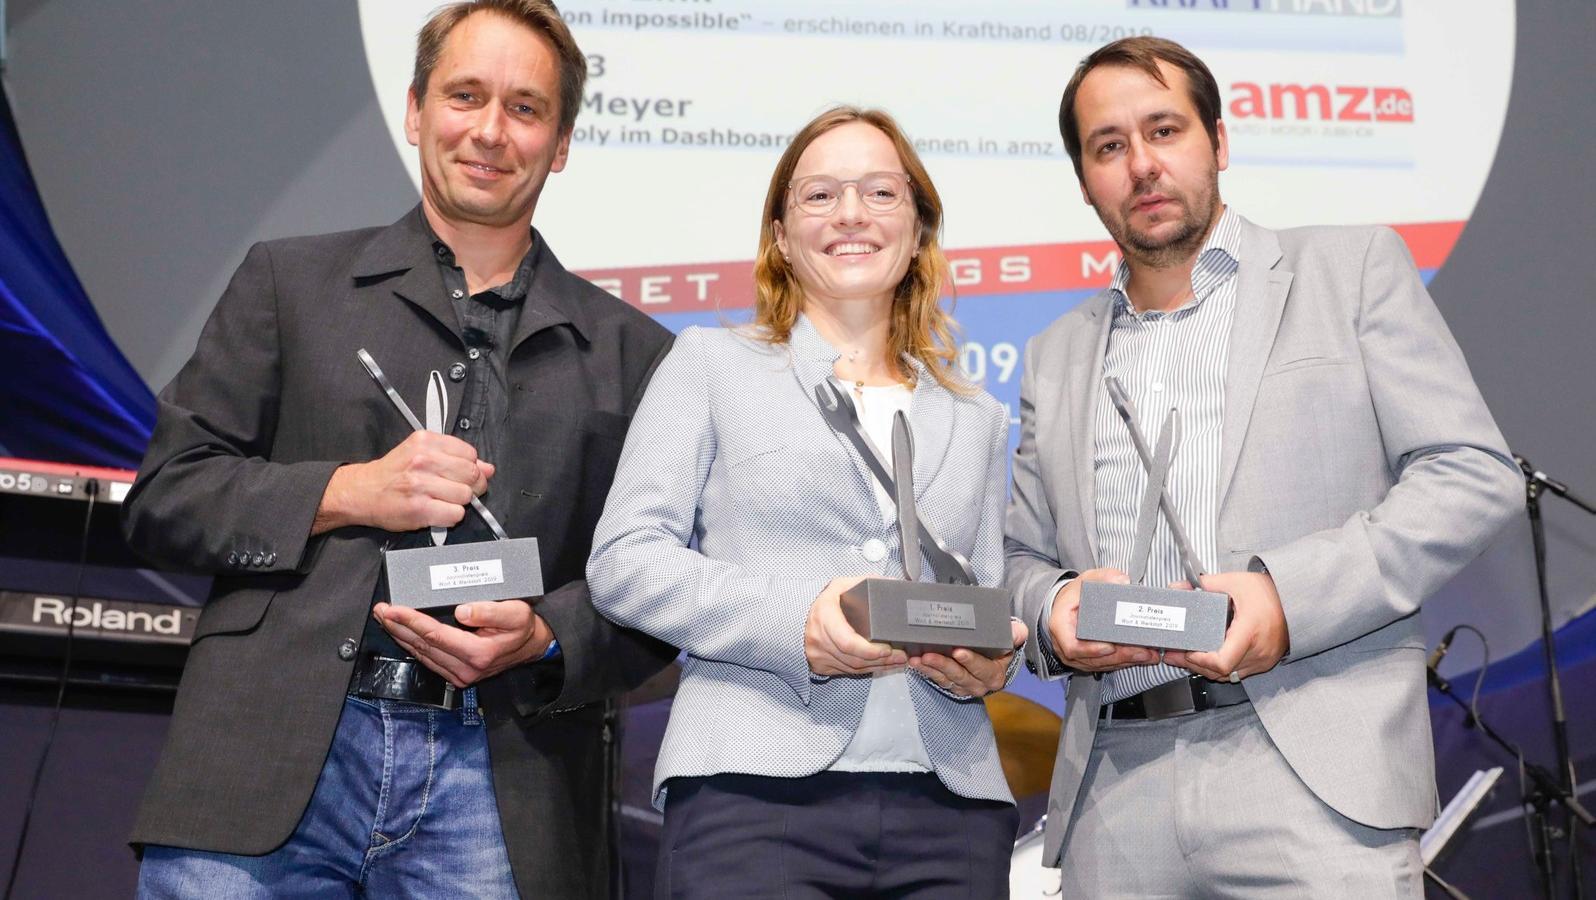 Gruppenbild mit Dame: Jens Meyer, Valeska Gehrke und Florian Zink (v.l.)